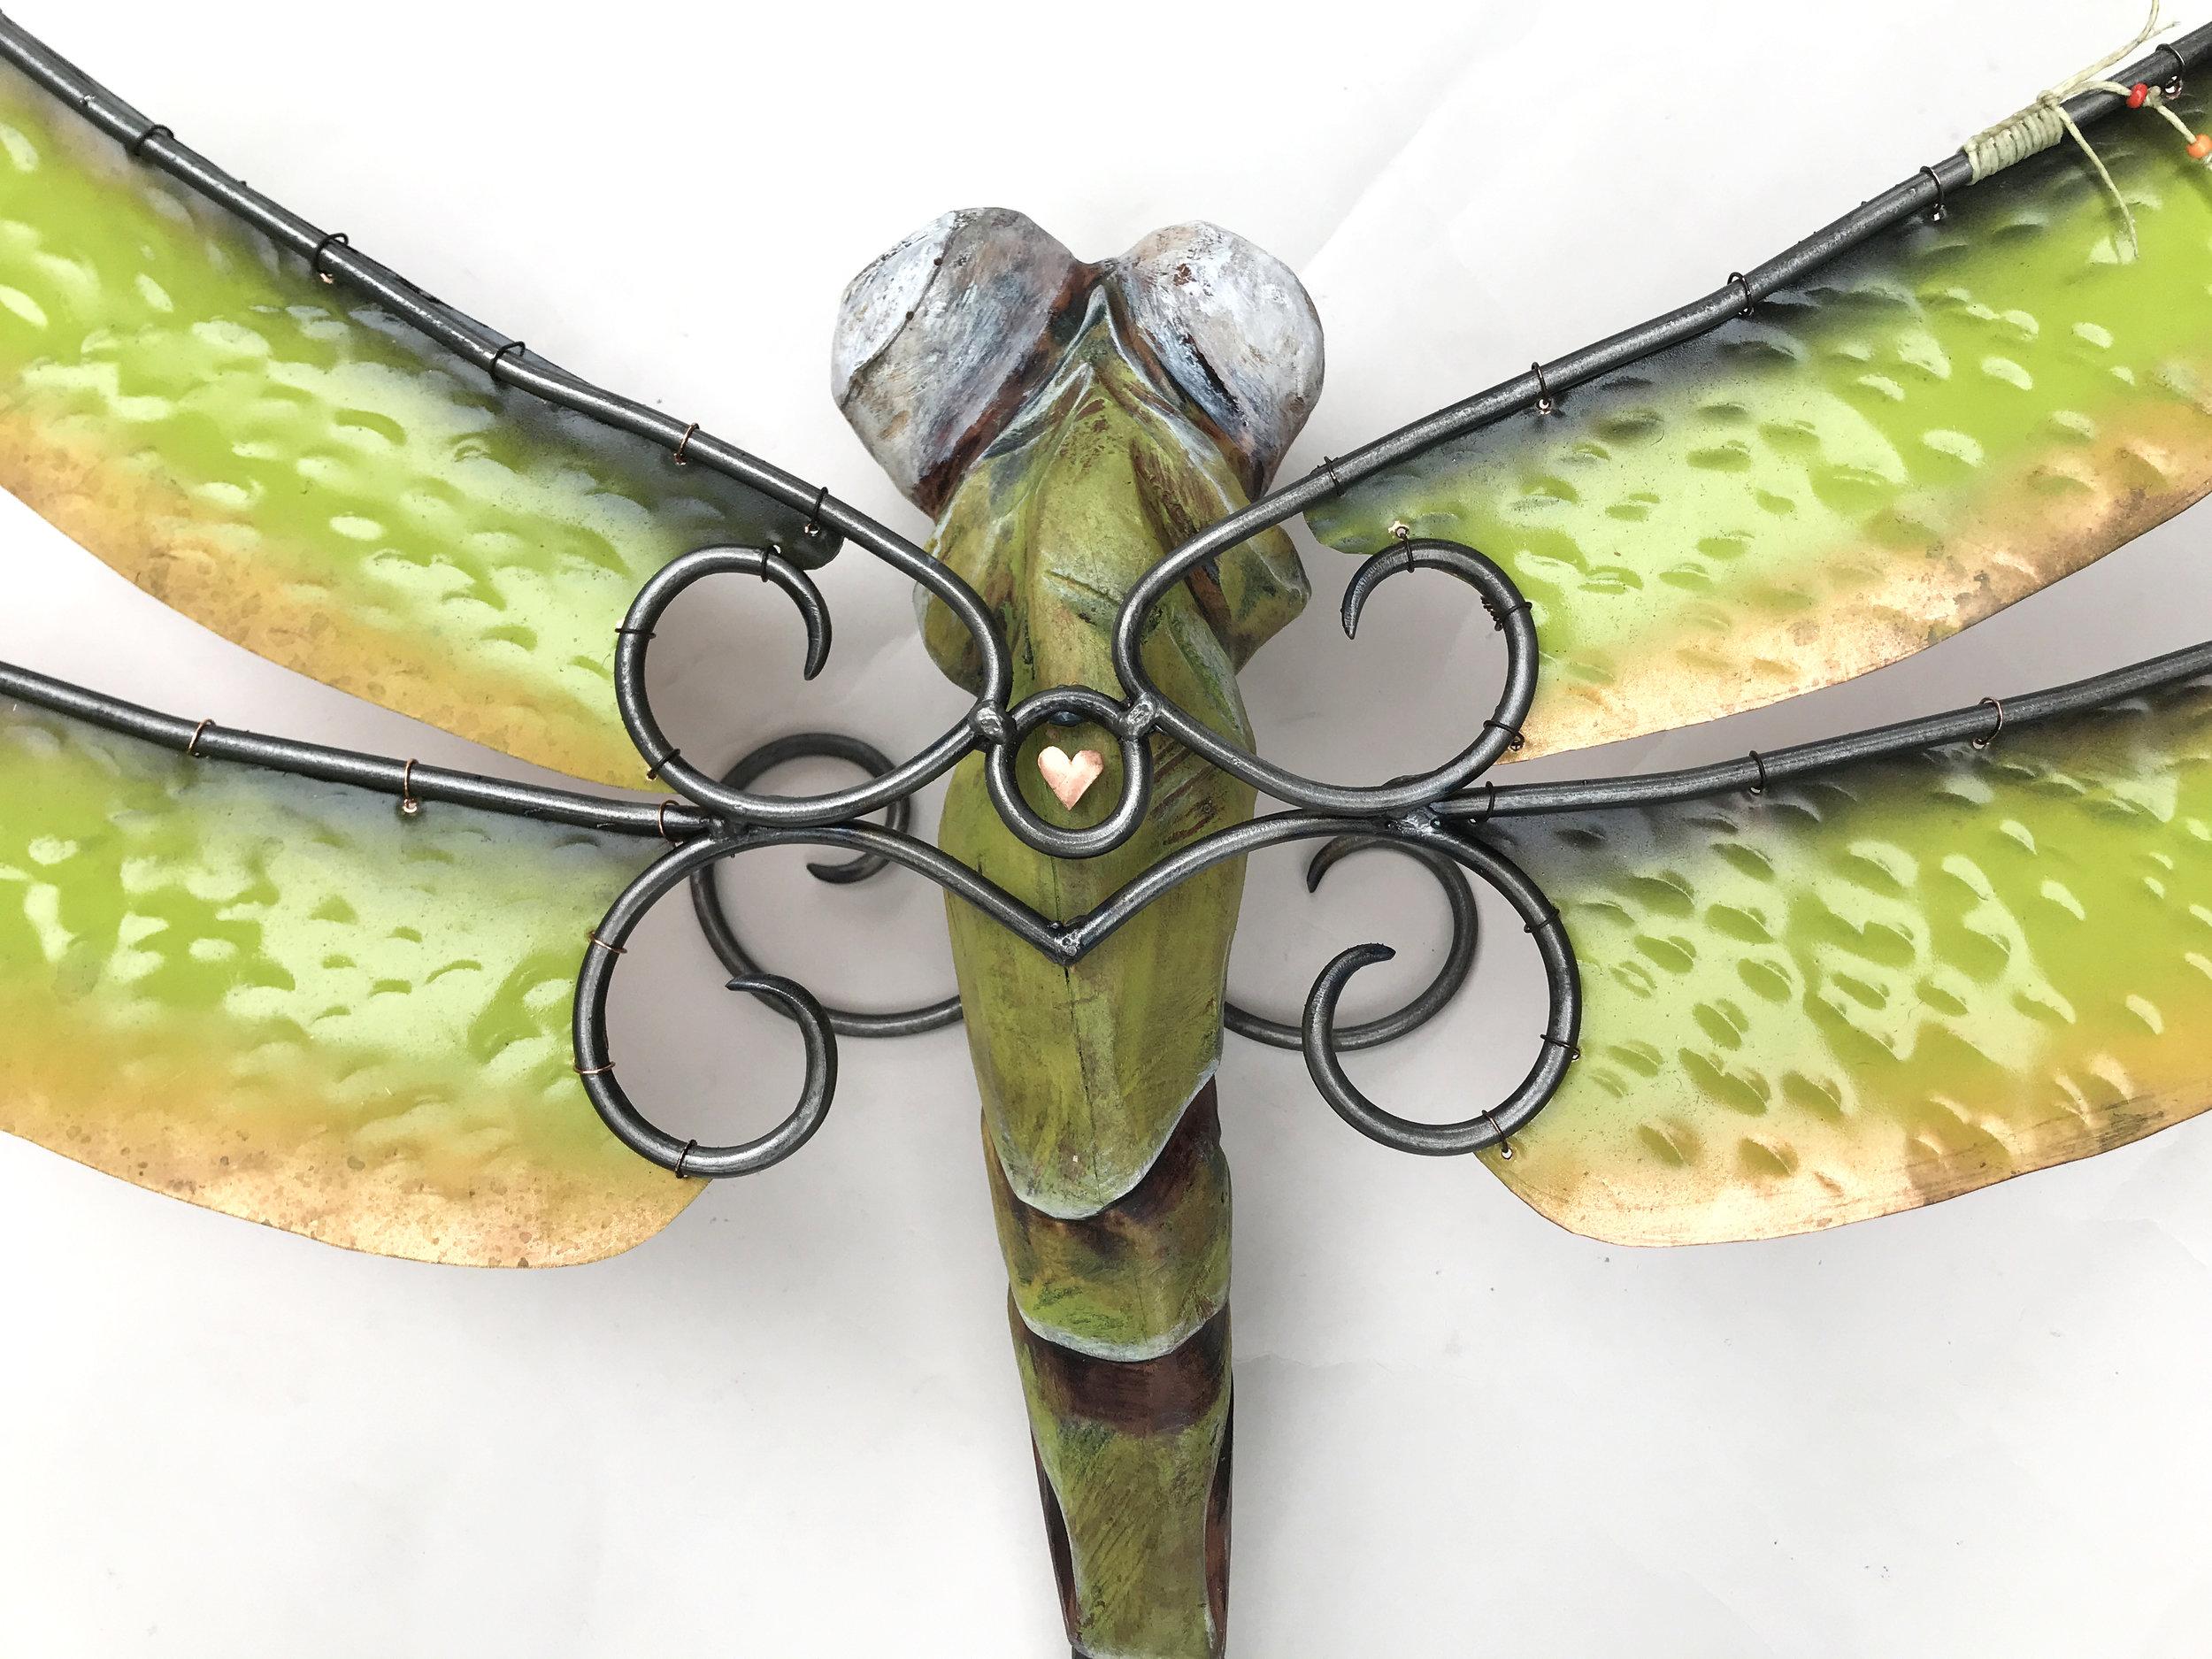 Robinson dragonfly-02.JPG